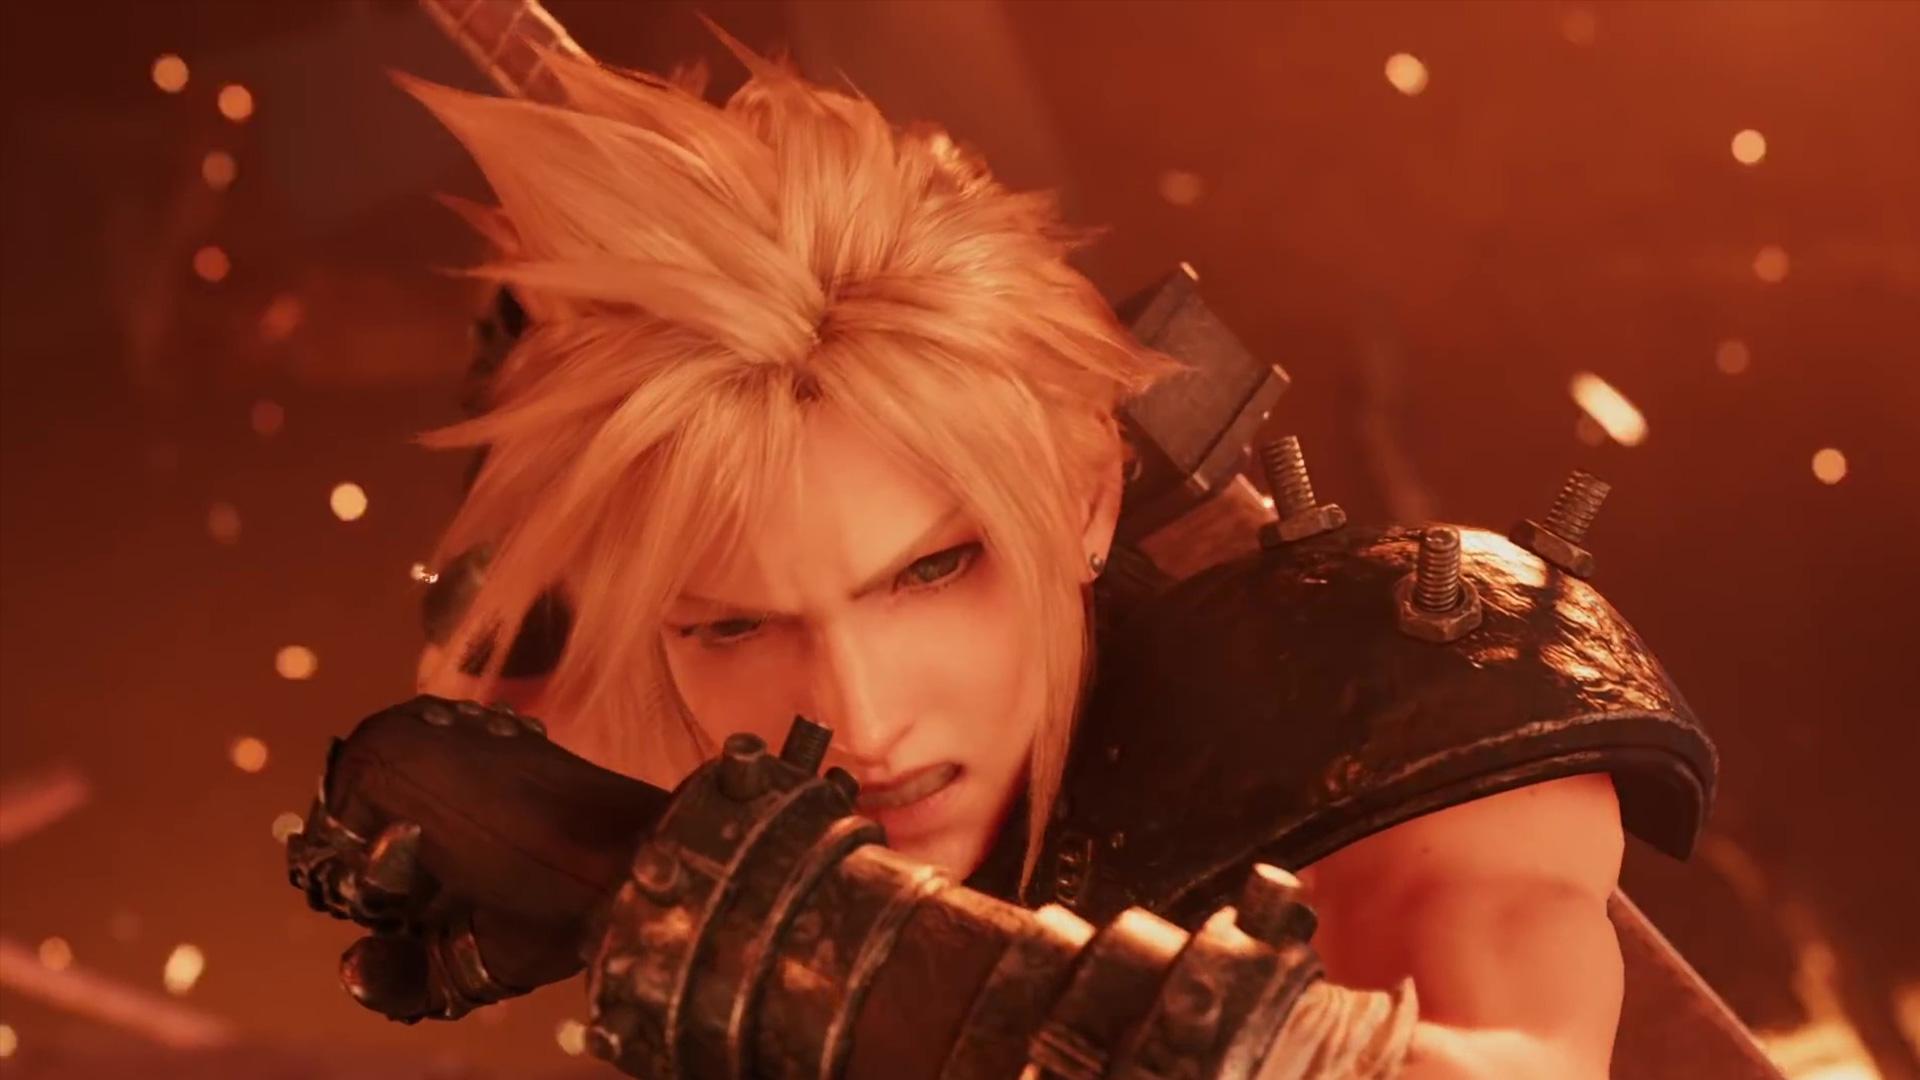 หมี่หยกรีเทิร์น! ตัวอย่างแบบแว้บๆ Final Fantasy VII Remake มาแล้ว!!